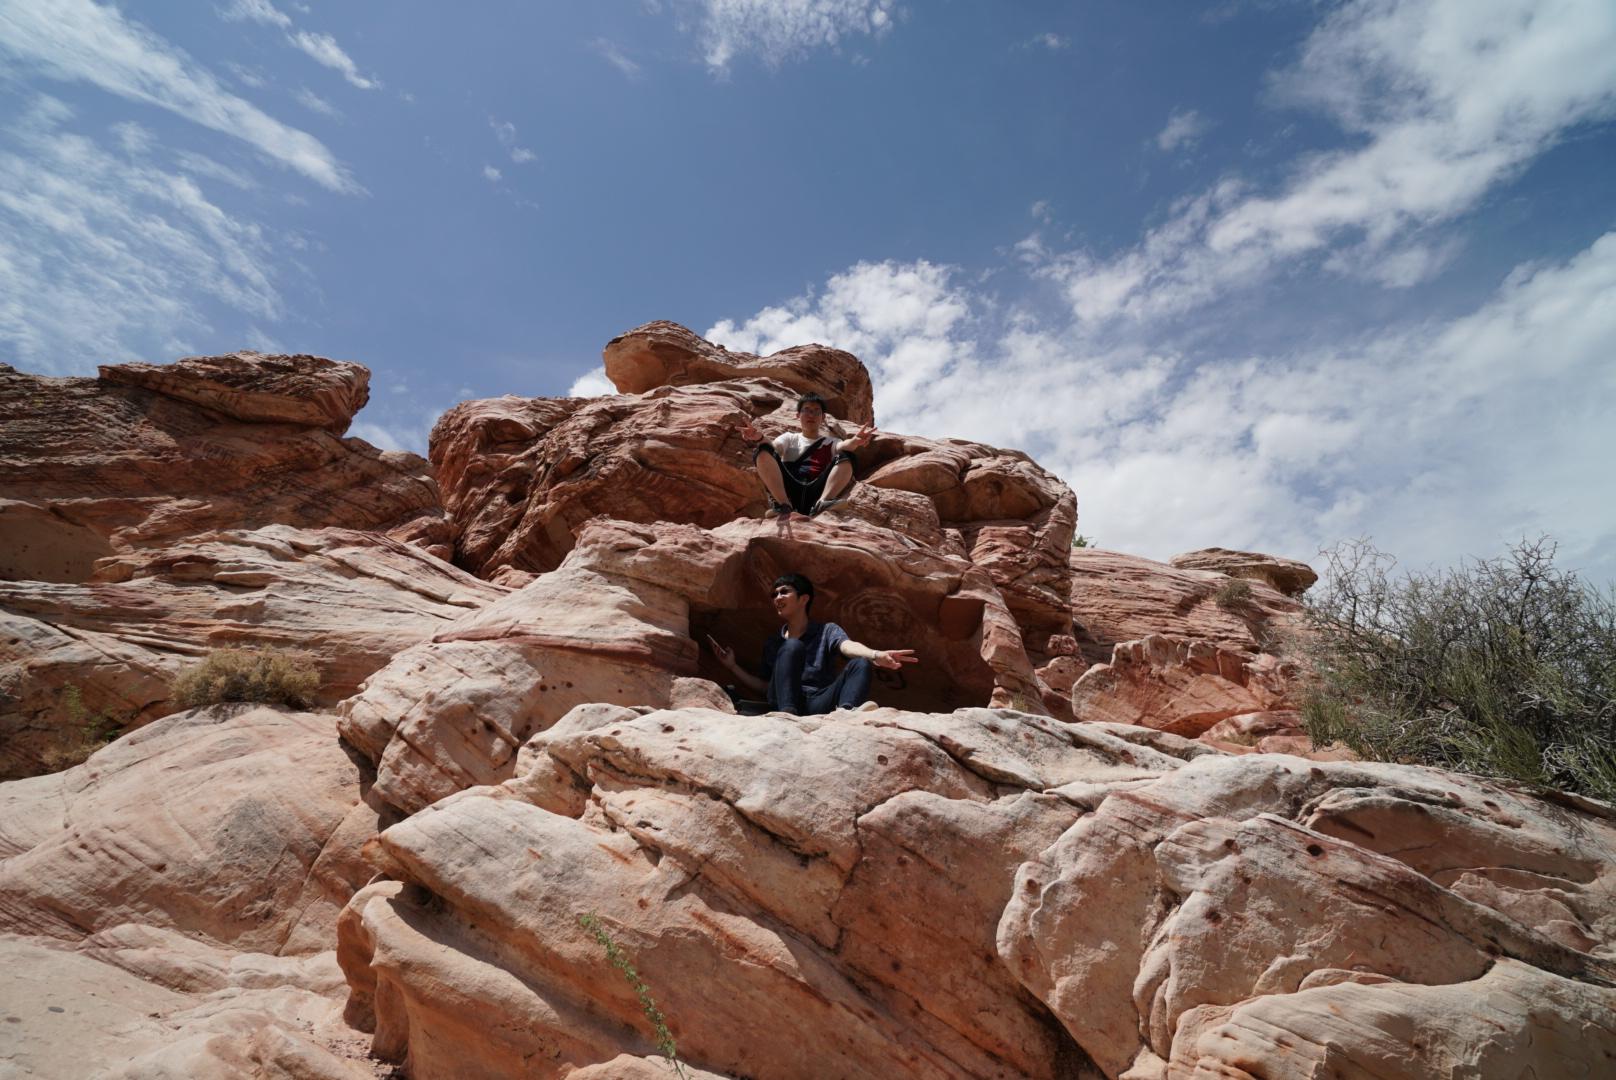 レッドロックキャニオンで休憩していたら丁度岩の上と下にいたので一枚(ネバダ州)